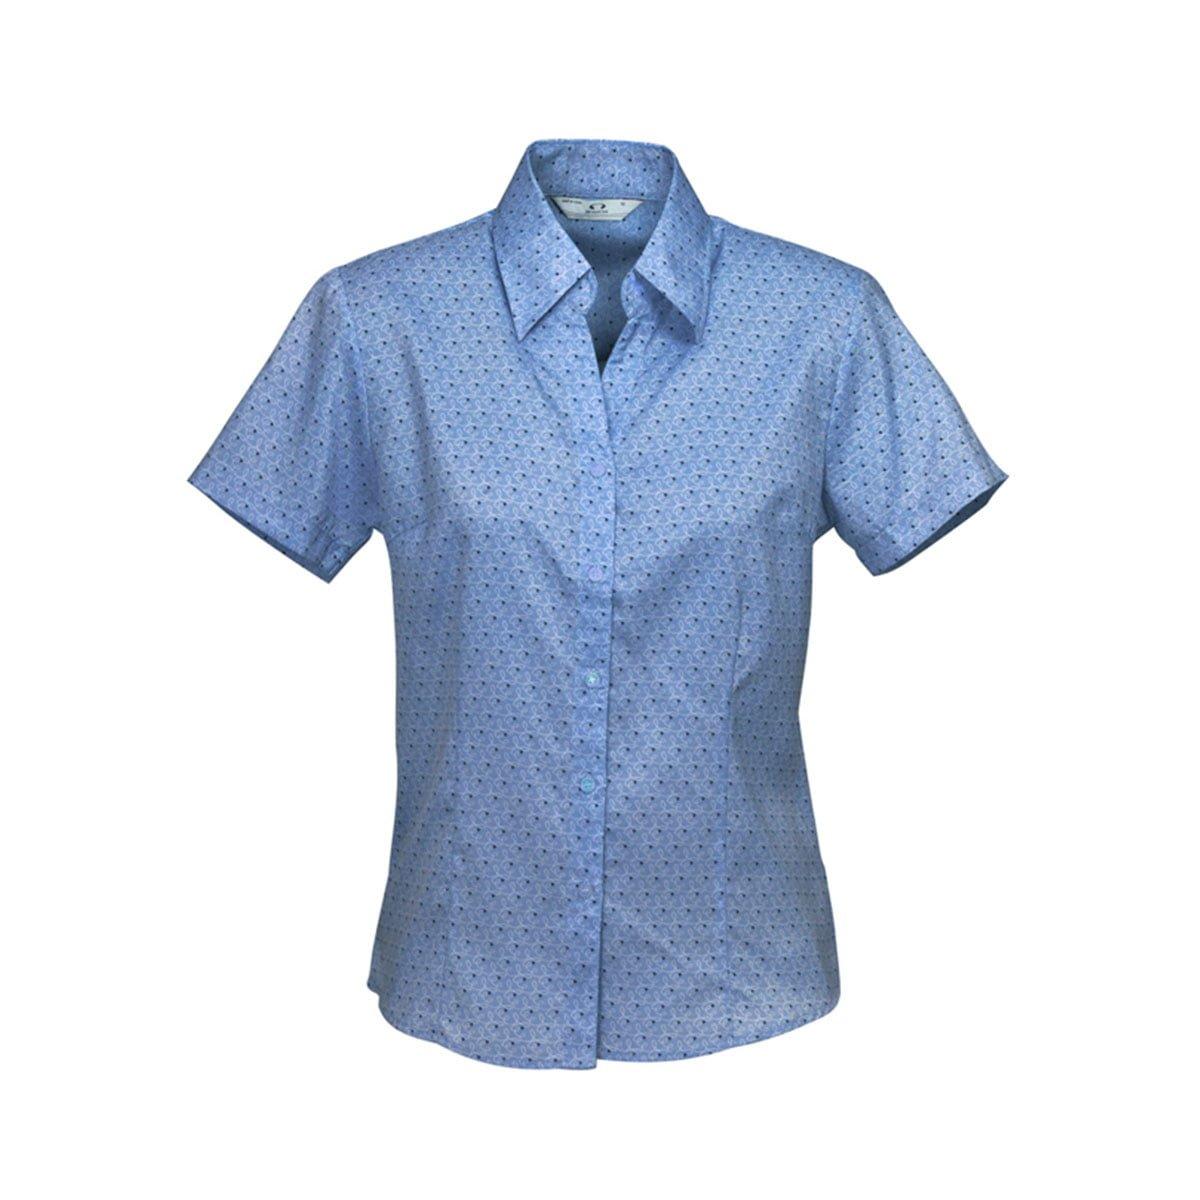 Ladies Printed Oasis Short Sleeve Shirt-Mid Blue